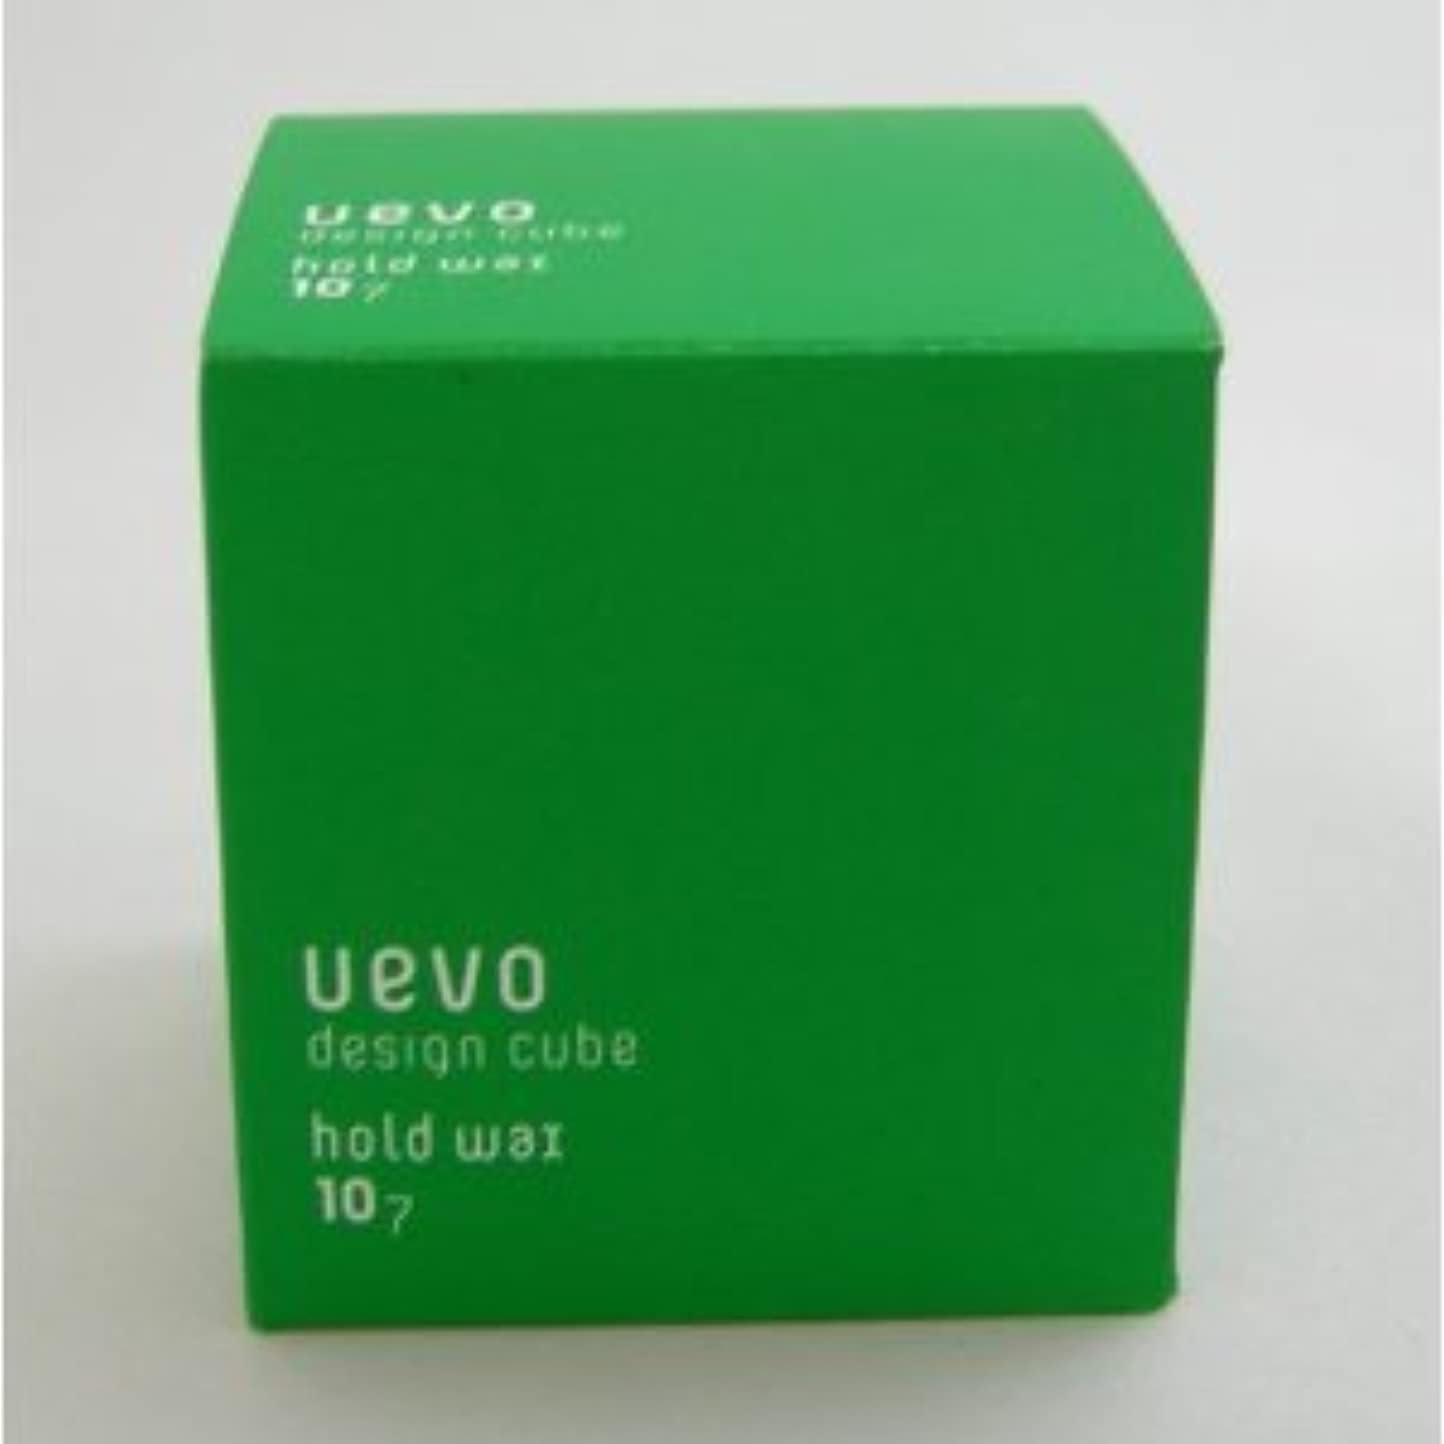 同性愛者スーツケース分離する【X3個セット】 デミ ウェーボ デザインキューブ ホールドワックス 80g hold wax